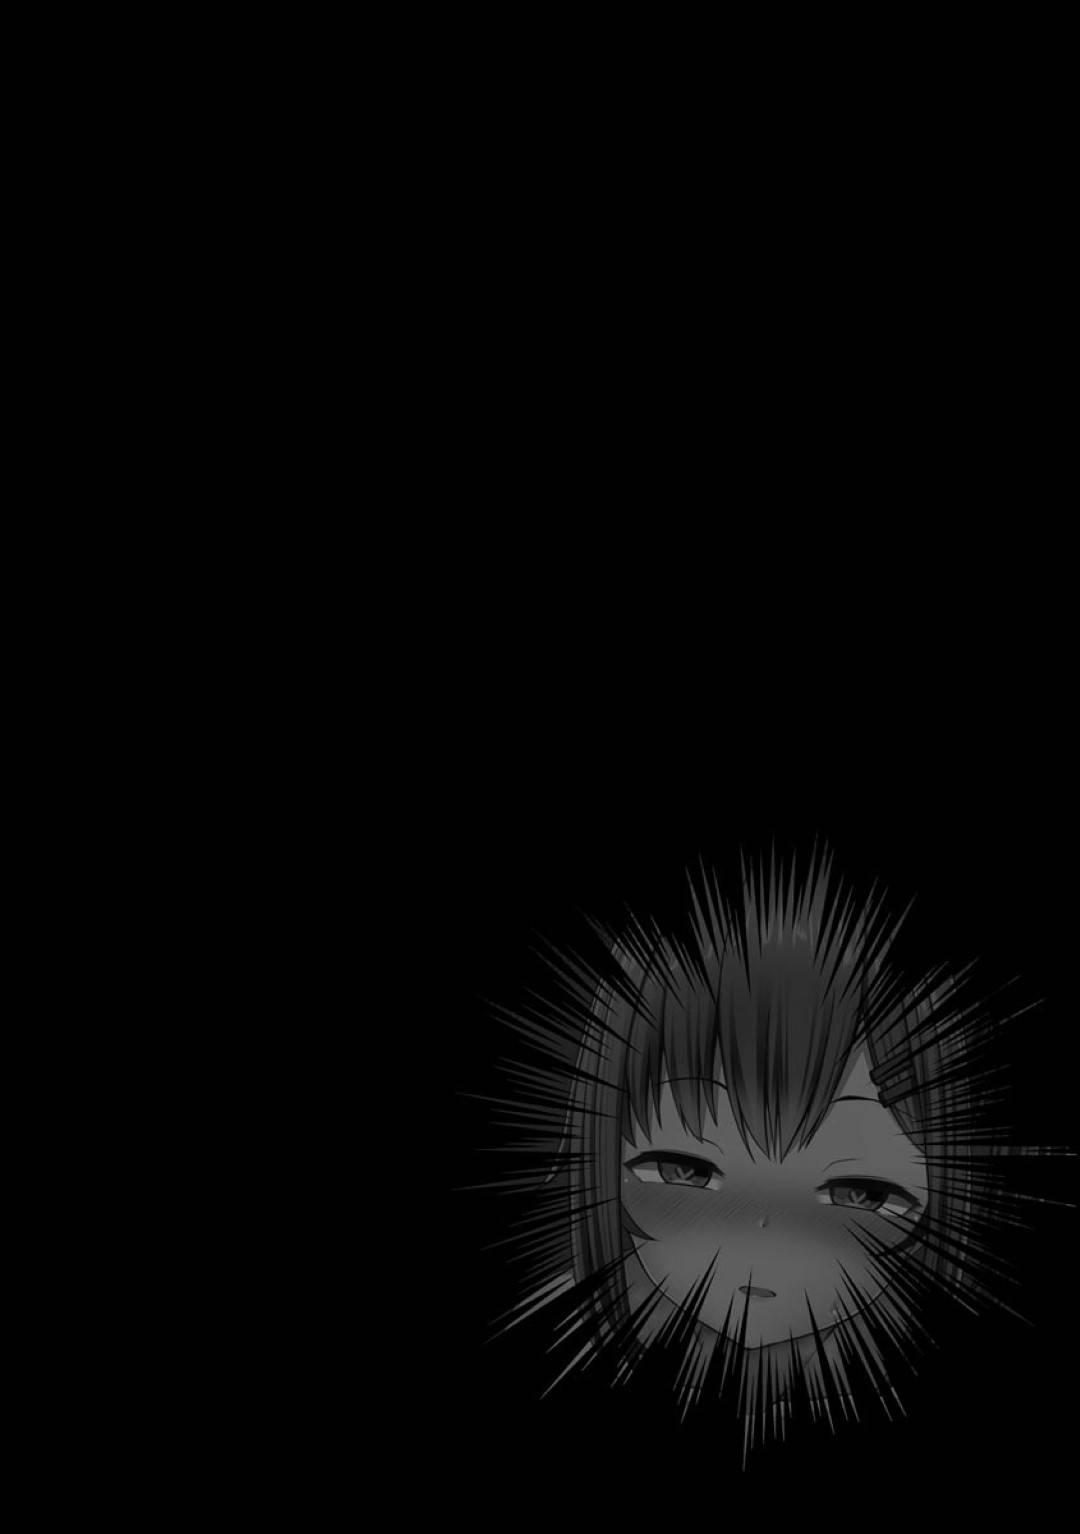 【エロ漫画】同級生に催眠をかけられてしまい、従順で淫乱にさせられてしまったムチムチJK…彼女は積極的にチンポをしゃぶったり、中出しセックスを受け入れる!【もやしばーすと:さいみん調教 かわいいあの娘を堕とすまで】